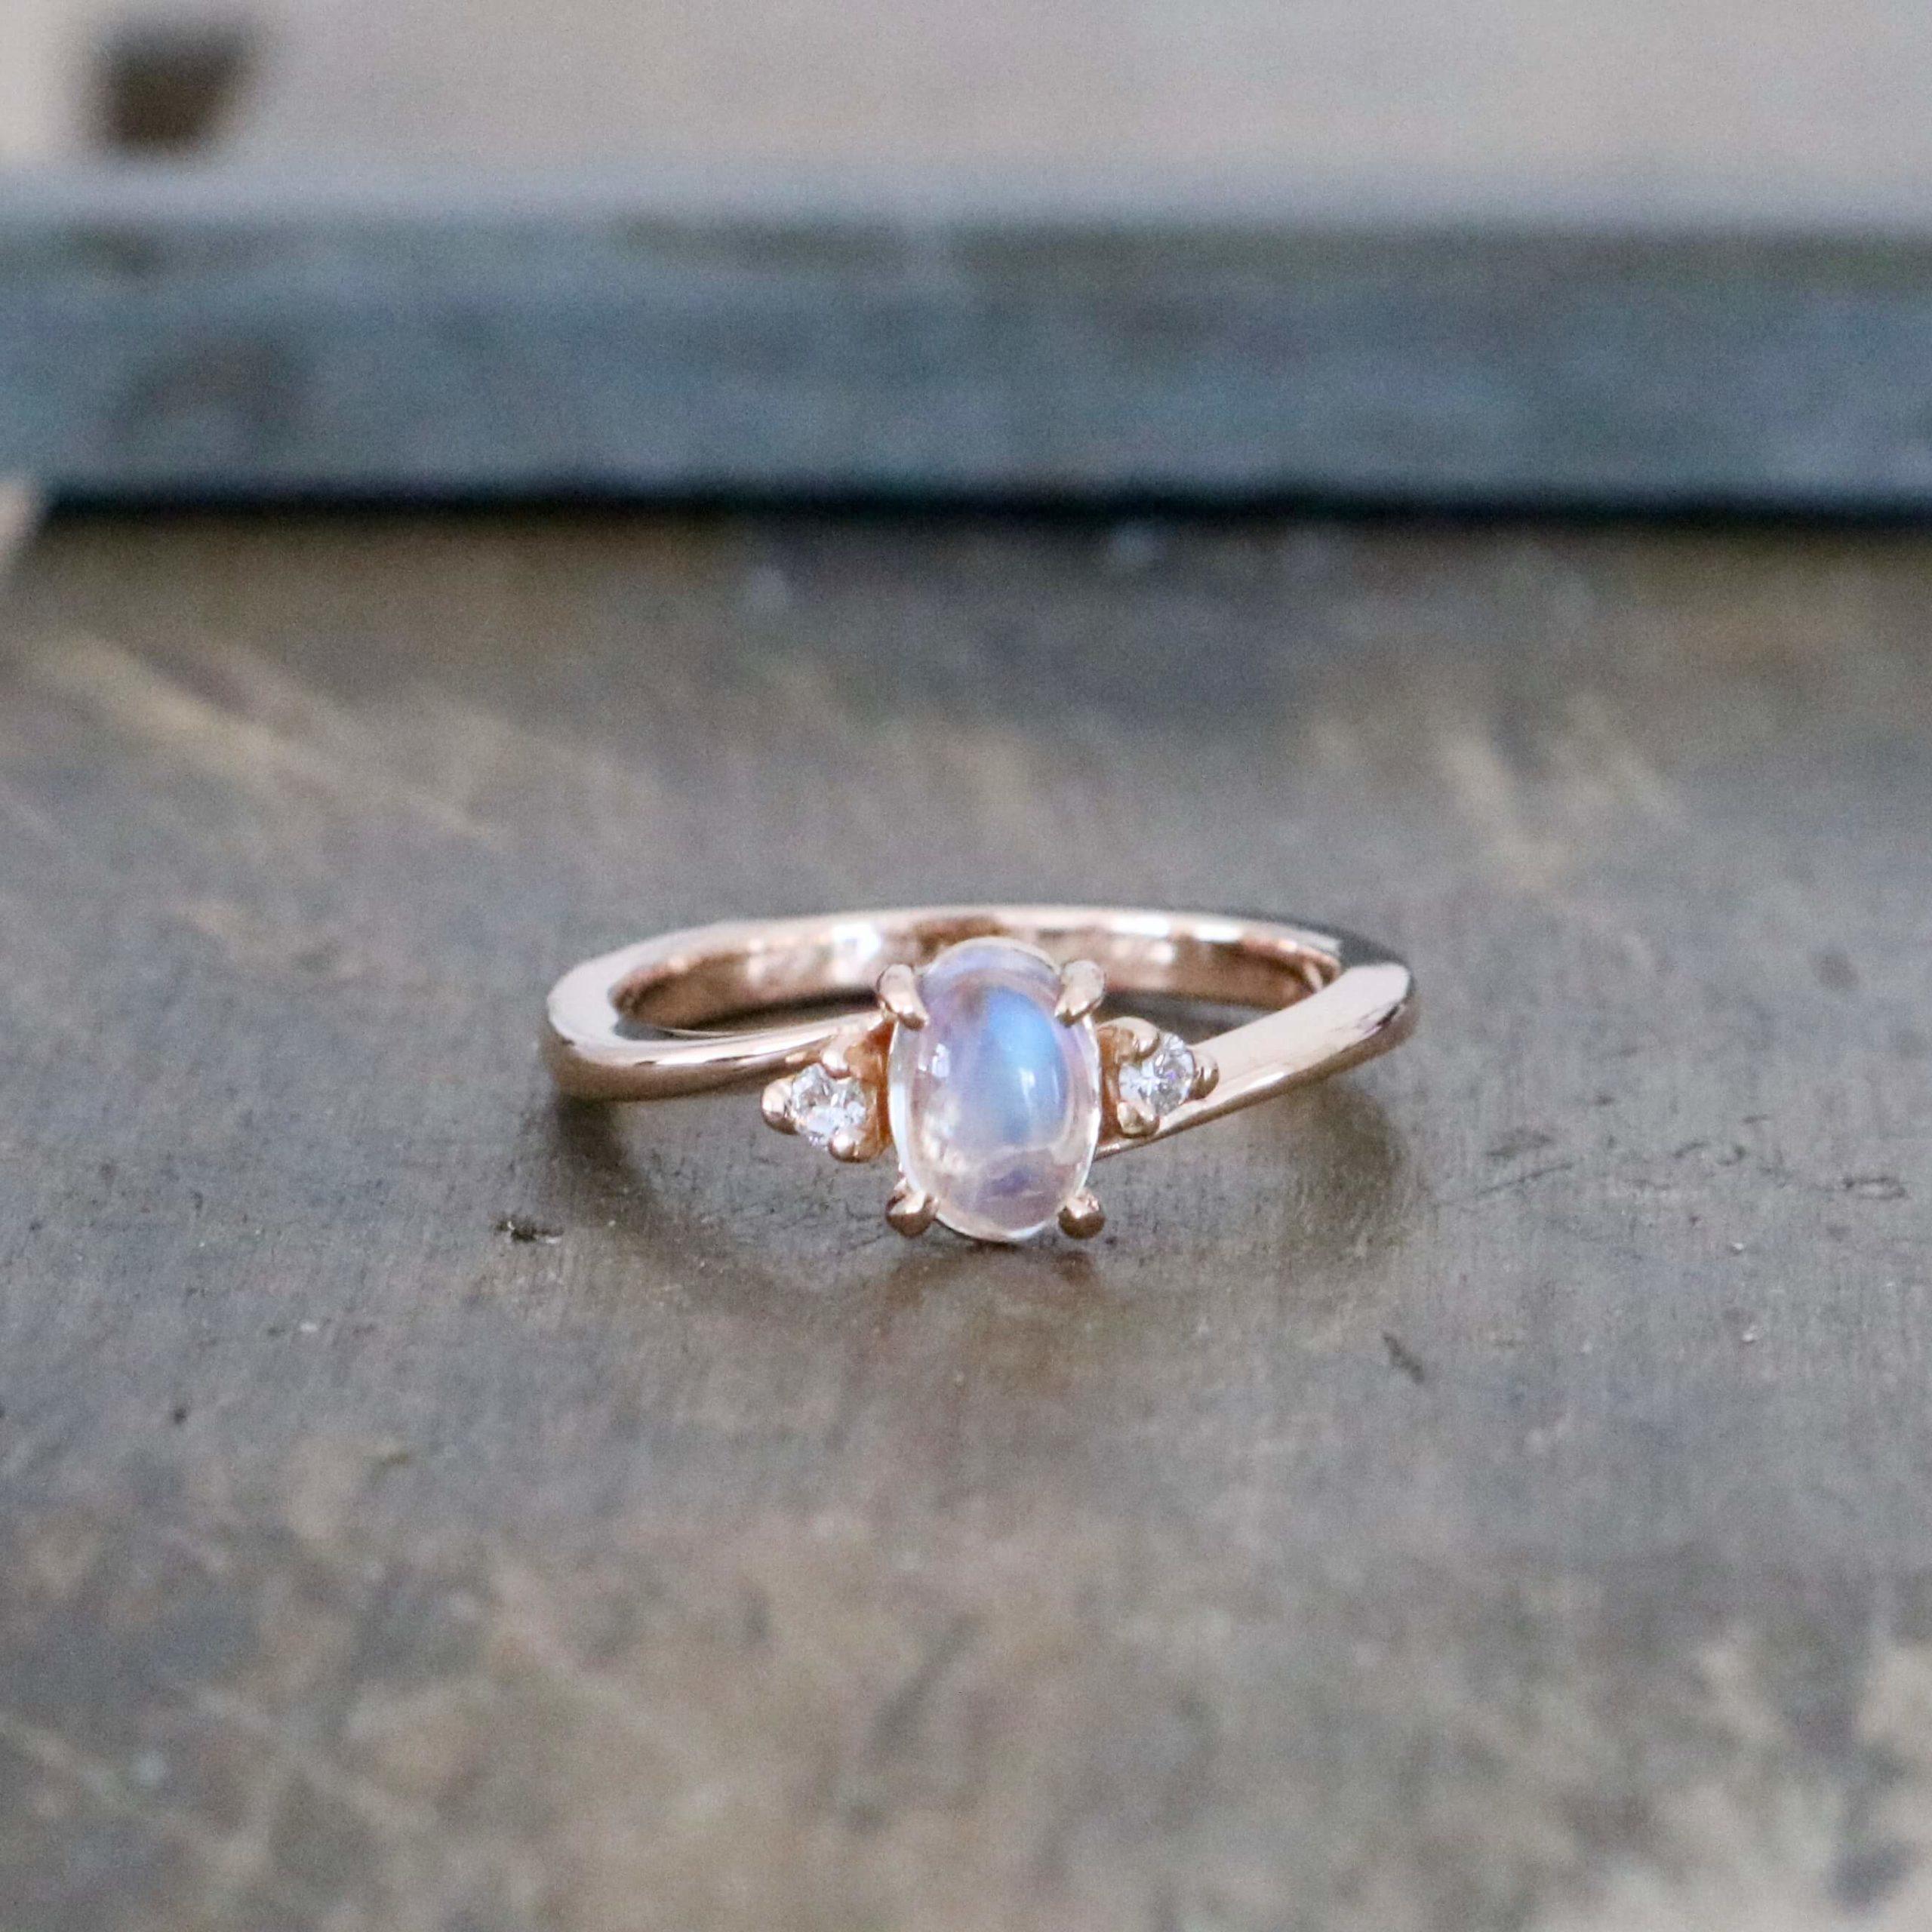 月と星がきらめく夜空をイメージしたムーンストーンの婚約指輪